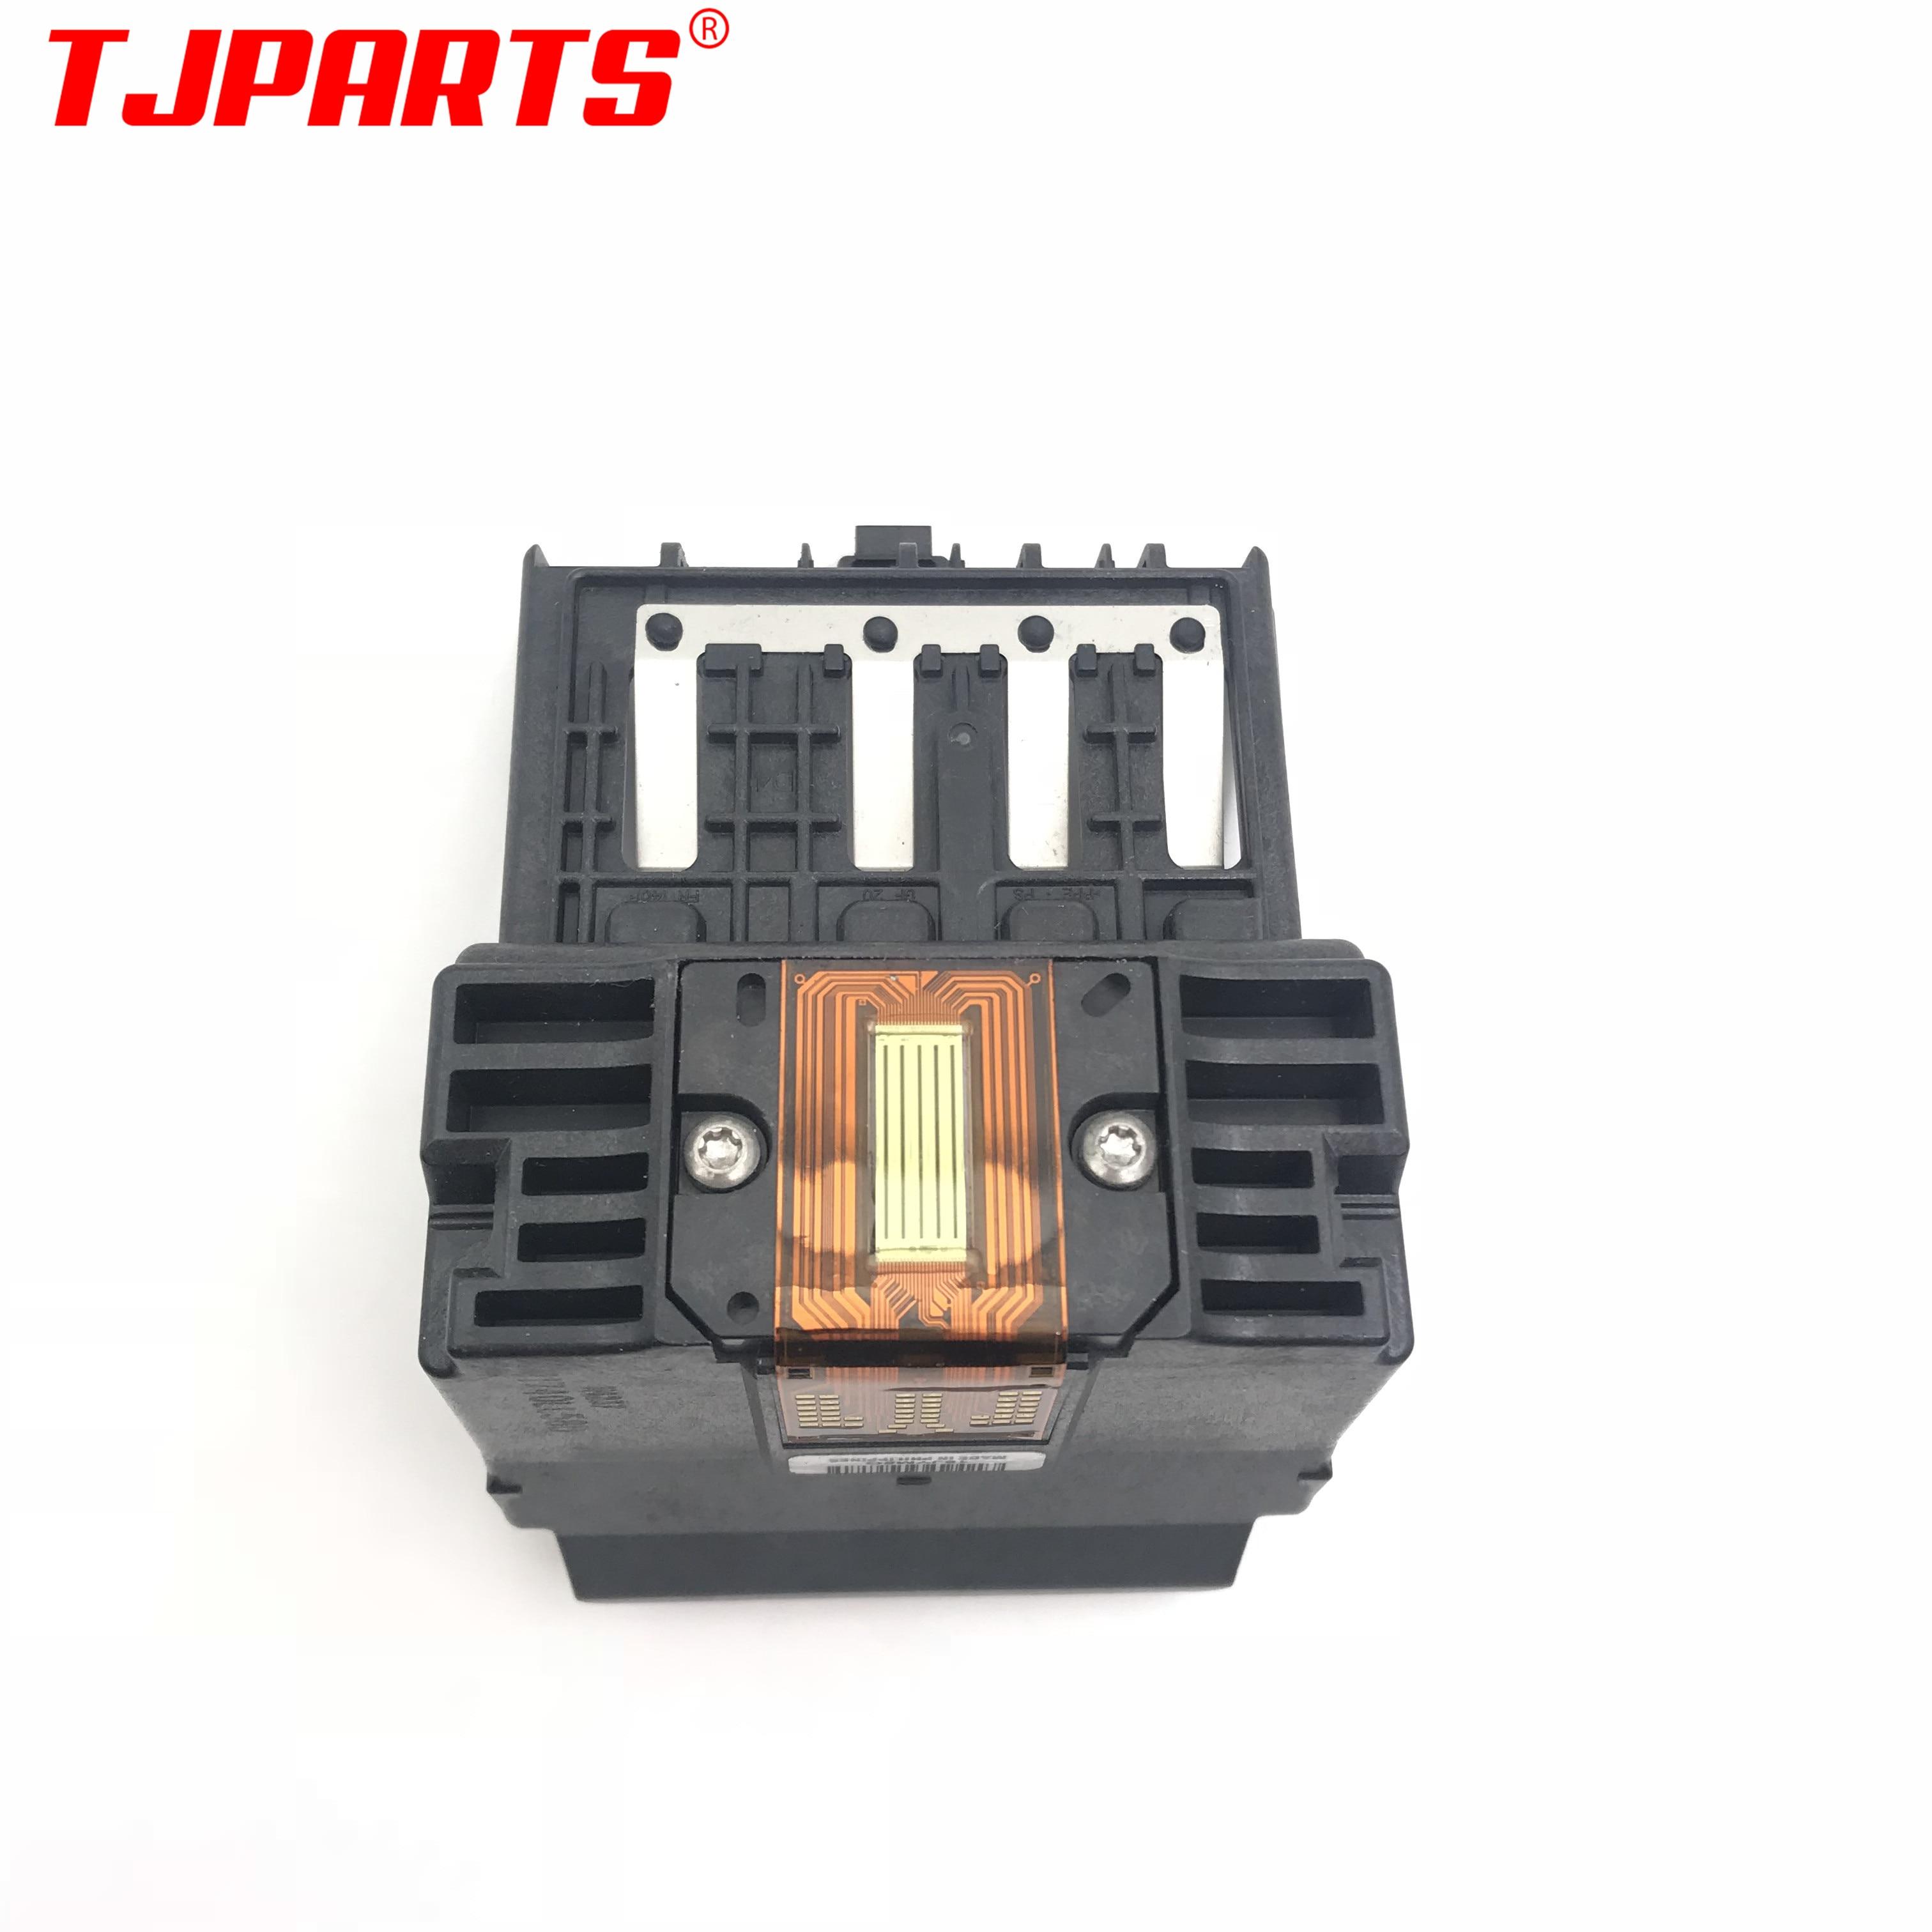 14N1339 14N0700 Printhead For Lexmark 100 108 150 155 S301 S305 S315 S308 S405 S415 S408 S409 S505 S515 S508 S605 S608 S815 S816